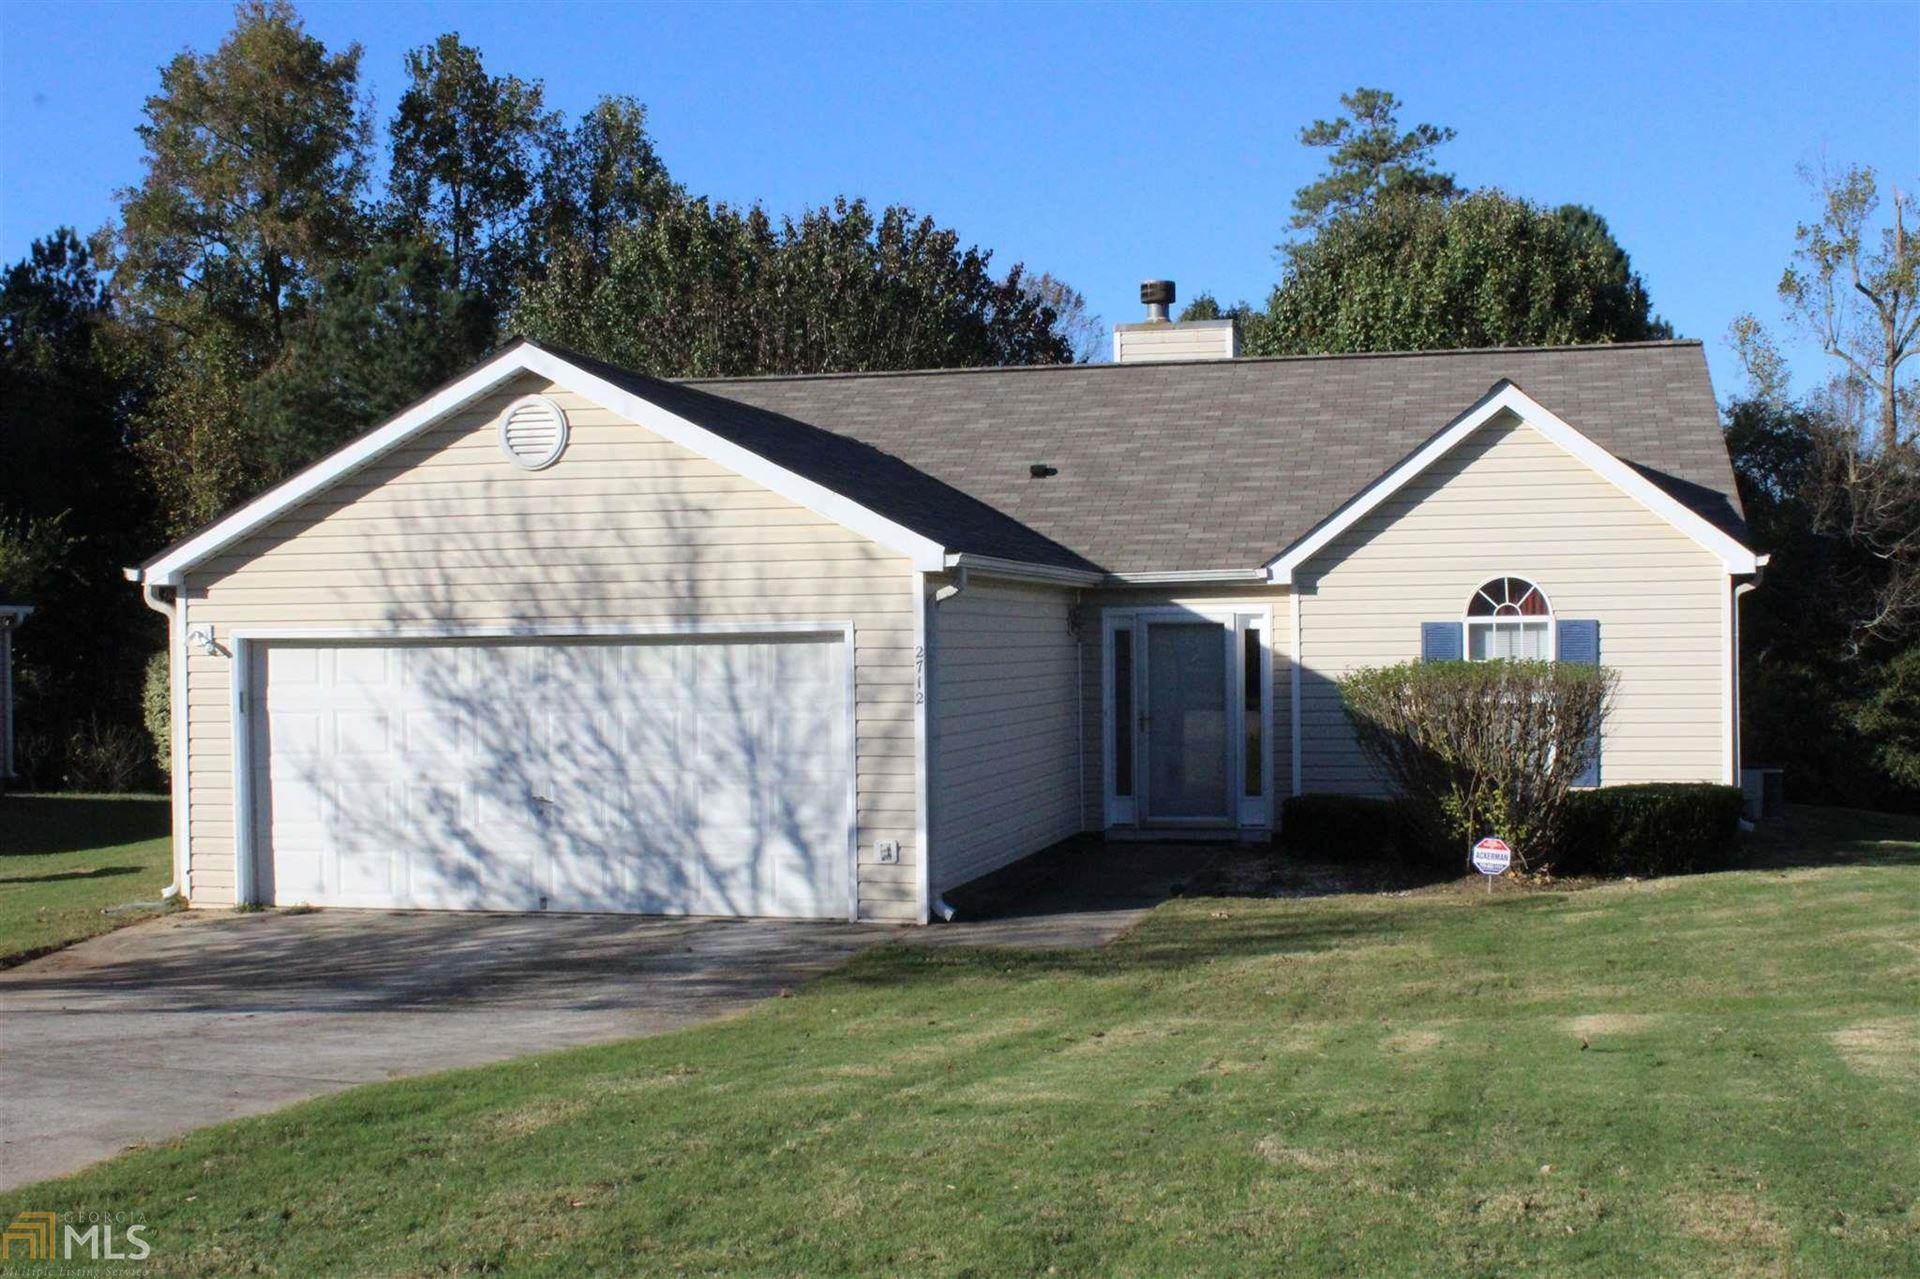 2712 Lolli Court, Ellenwood, GA 30294 - MLS#: 8882095